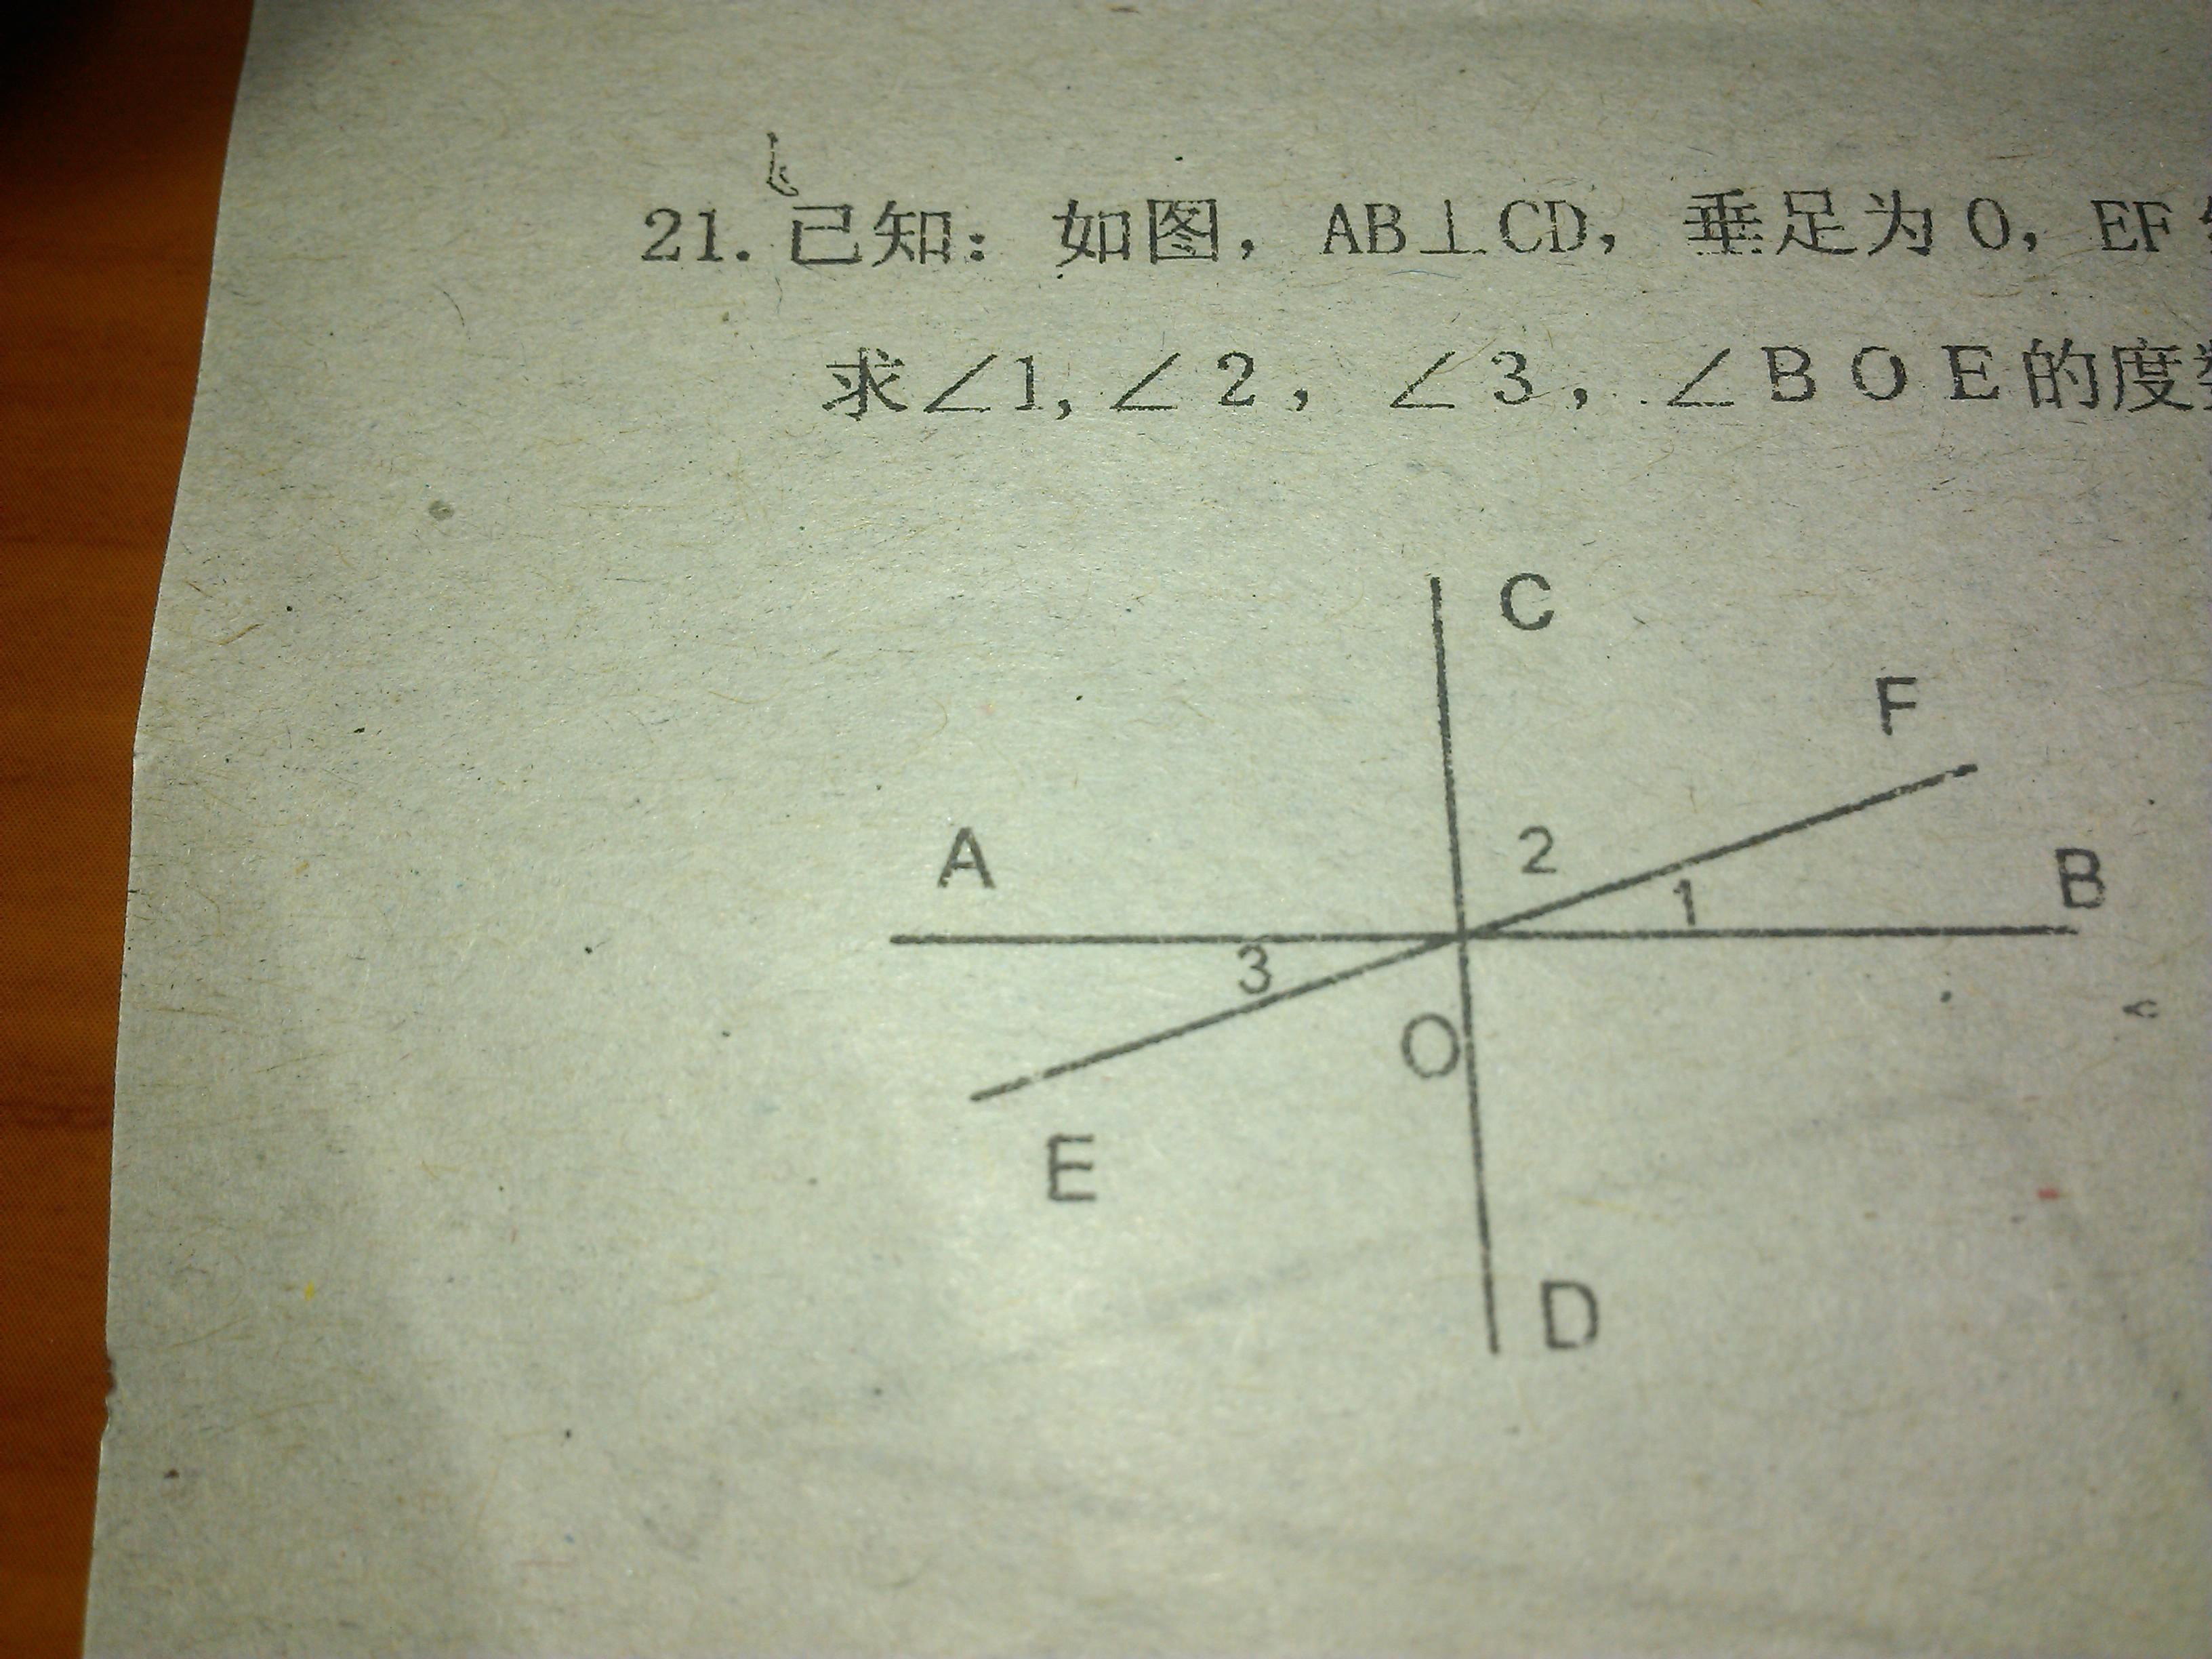 求角1,角2,角3,角boe的度数_初一数学几何图形的初步图片